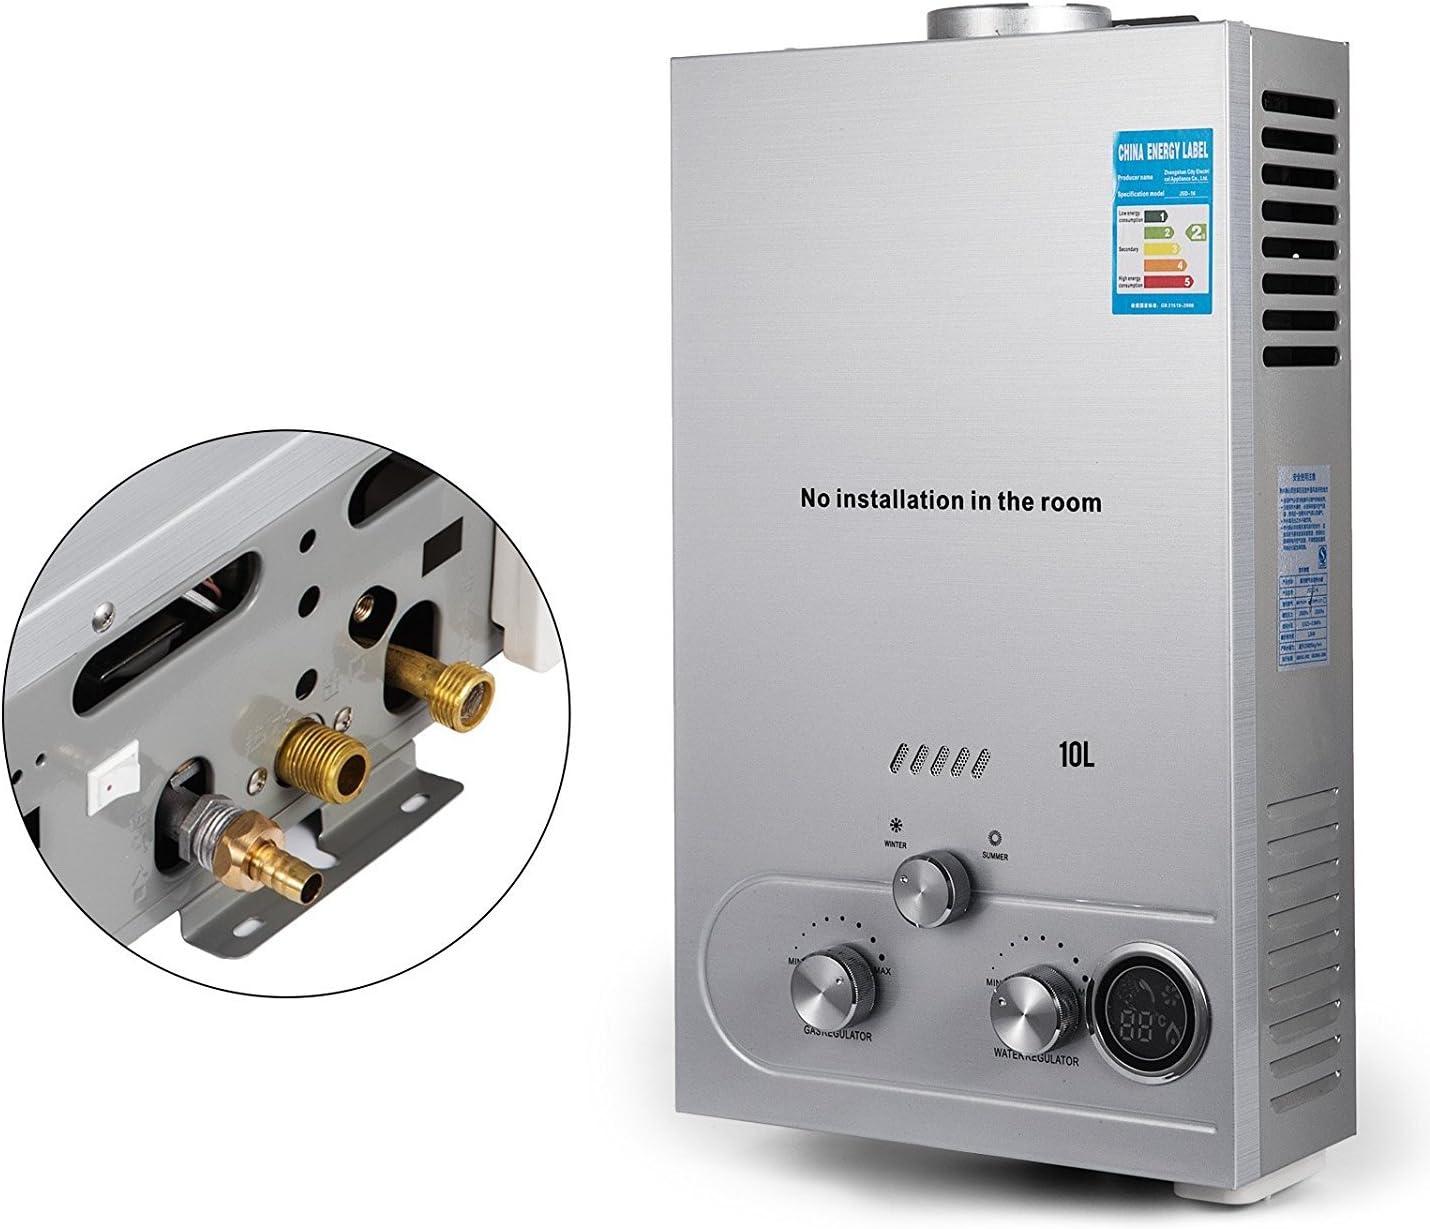 Guellin LNG Calentador de Agua de Gas Natural Calentador de Agua Calentador de Agua Automático Calentador de Agua Instantáneo Natural Gas Water Heater (10L)